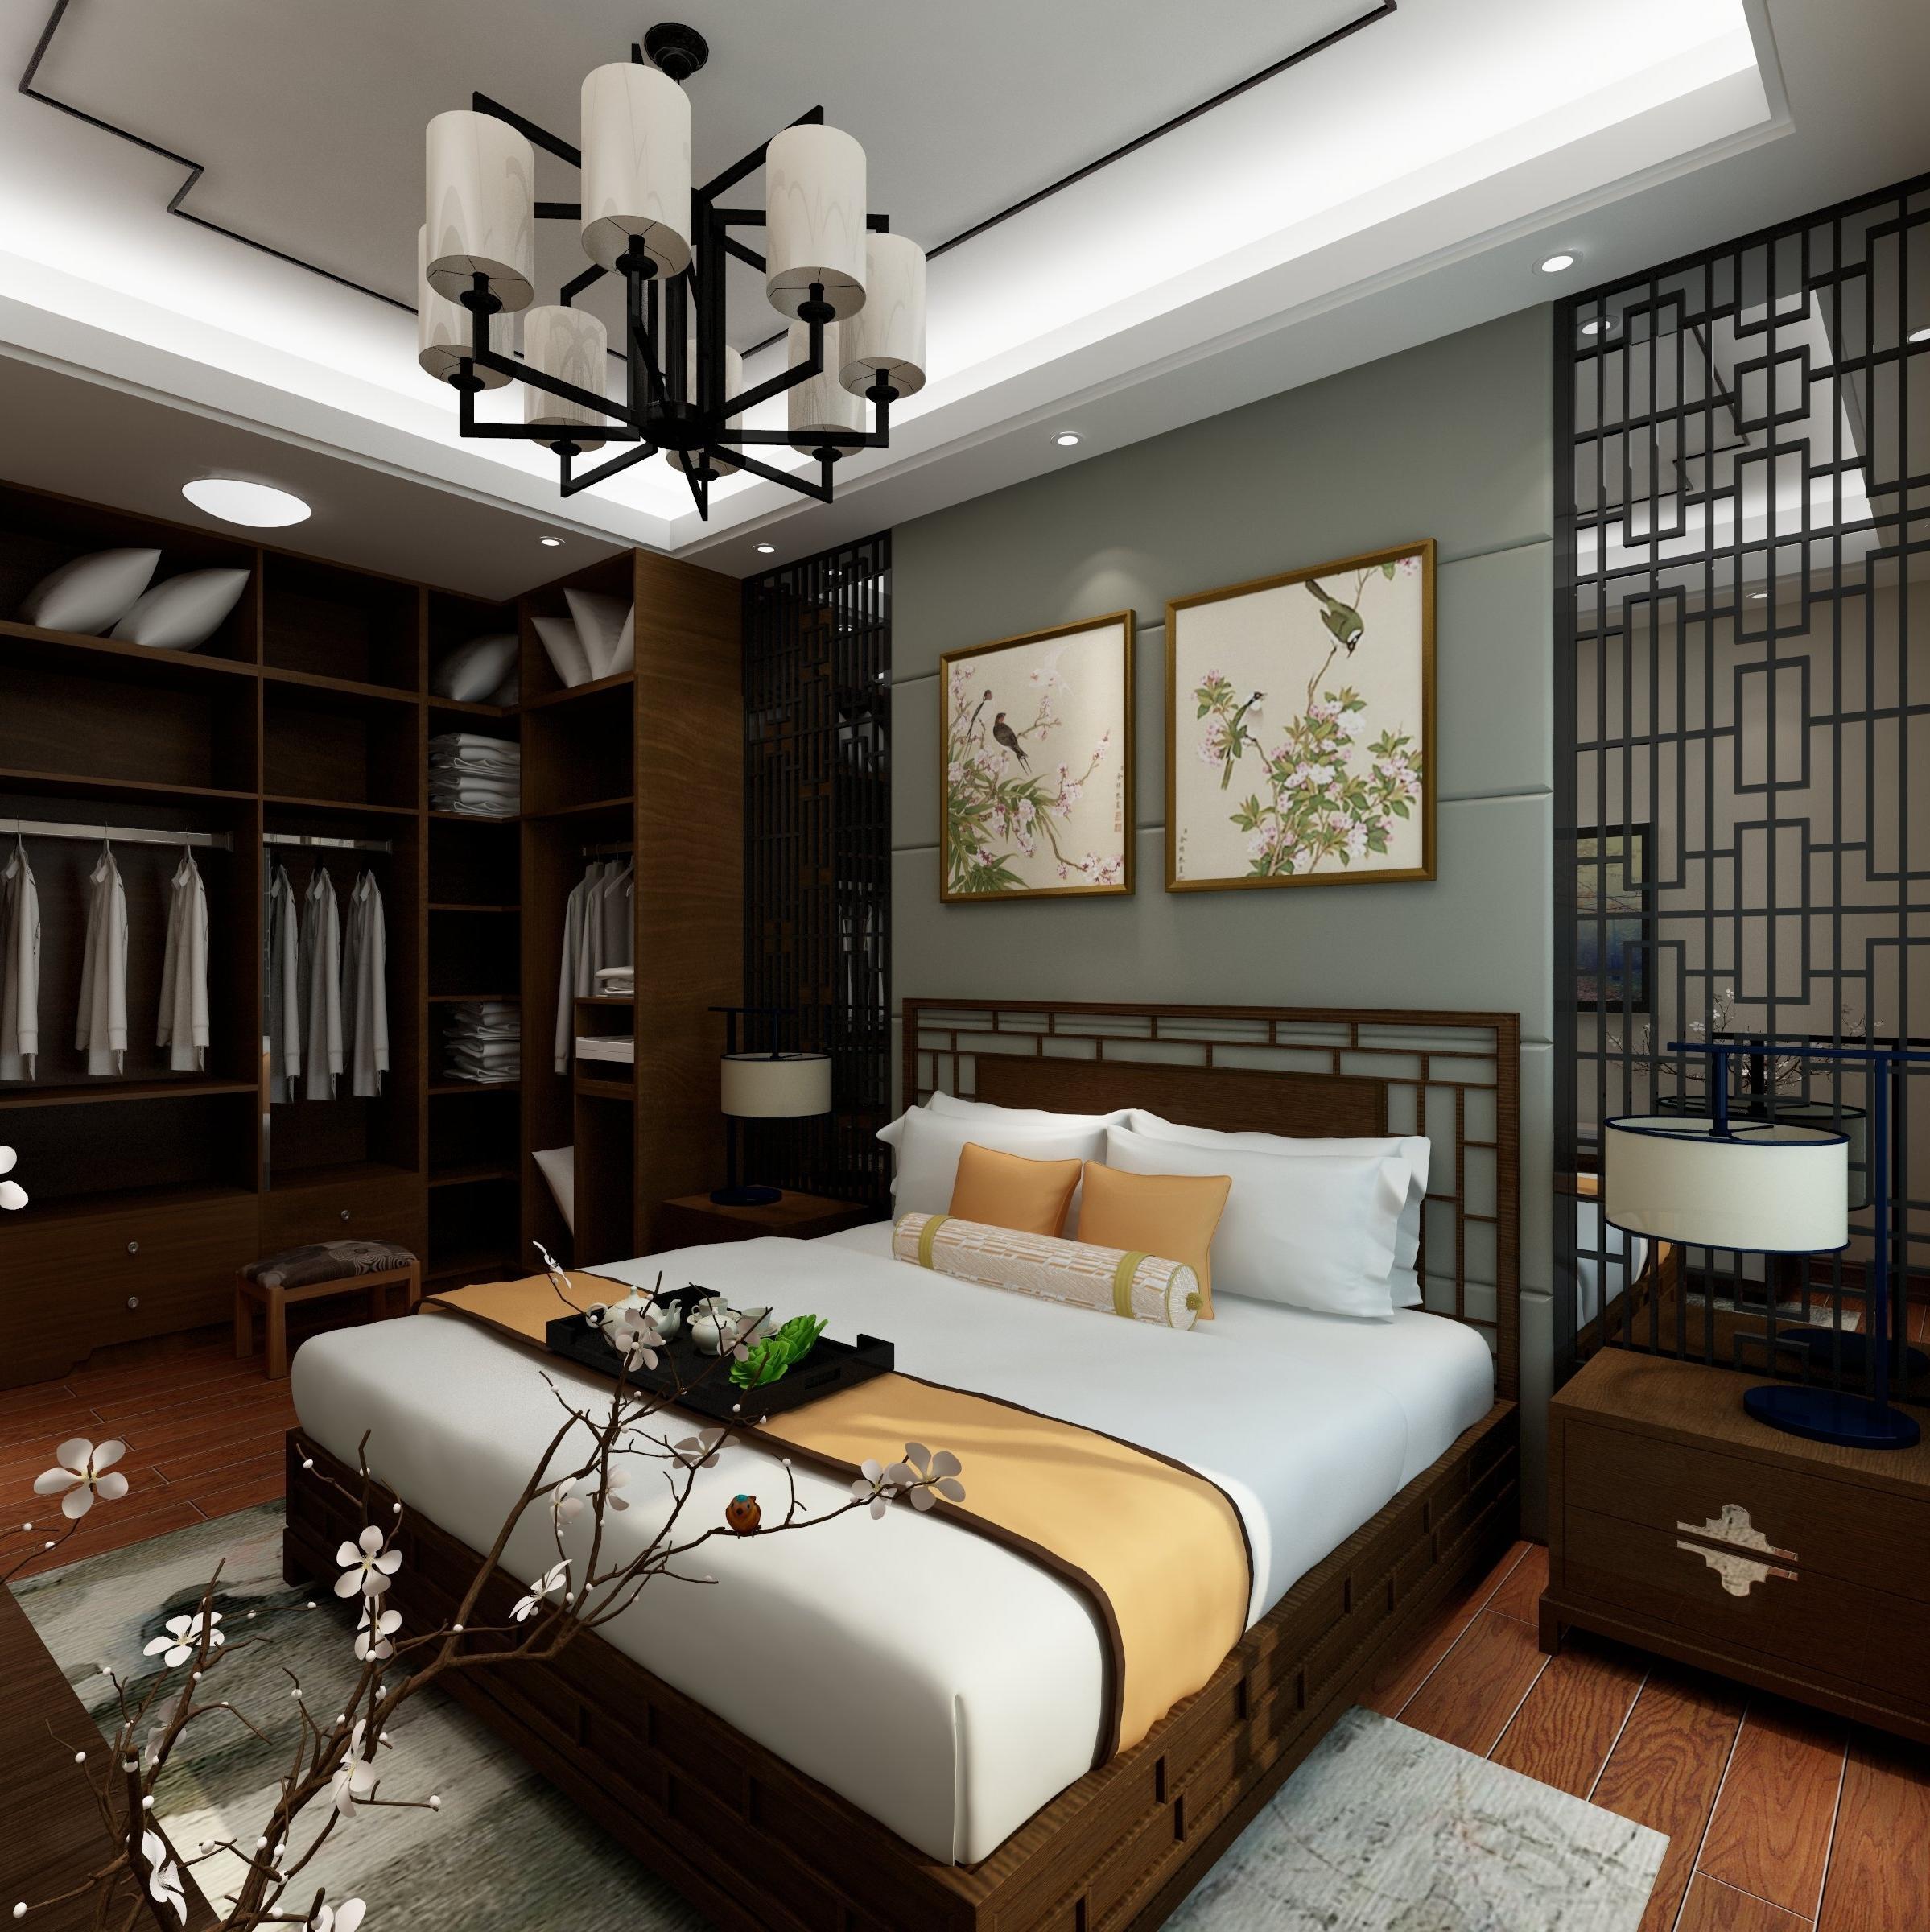 钟情江南庭院 10-15万装修50平米装修小户型装修北欧风格 0 110㎡北欧